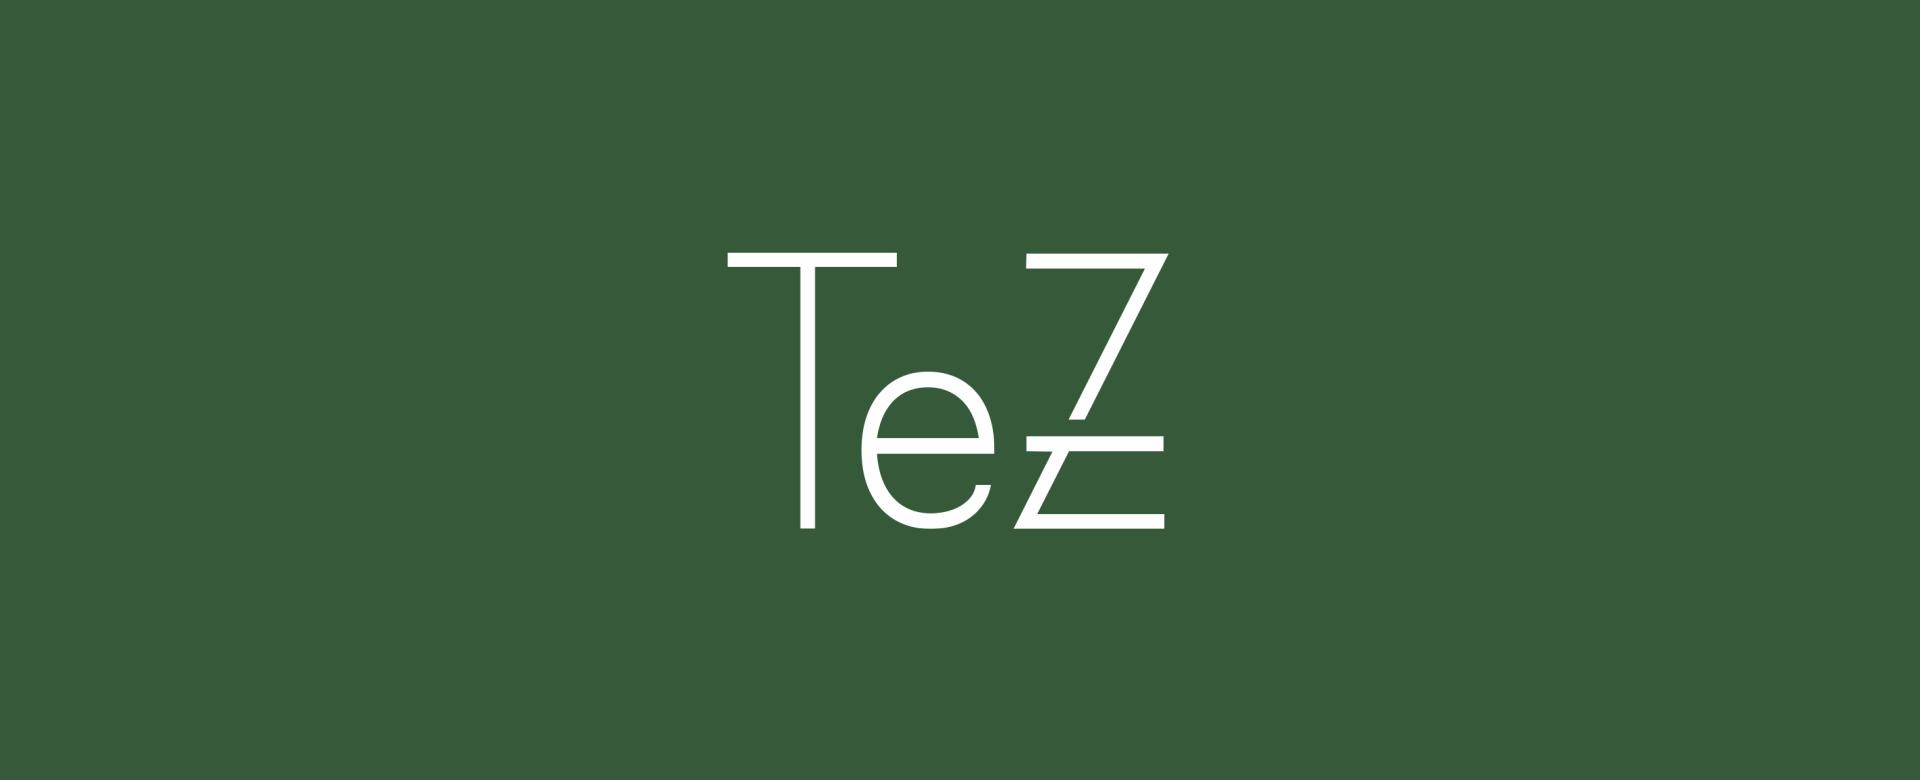 Tez Furniture by zen branding agency طراحی برای تز فرنیچر آژانس برندسا ذن (1)